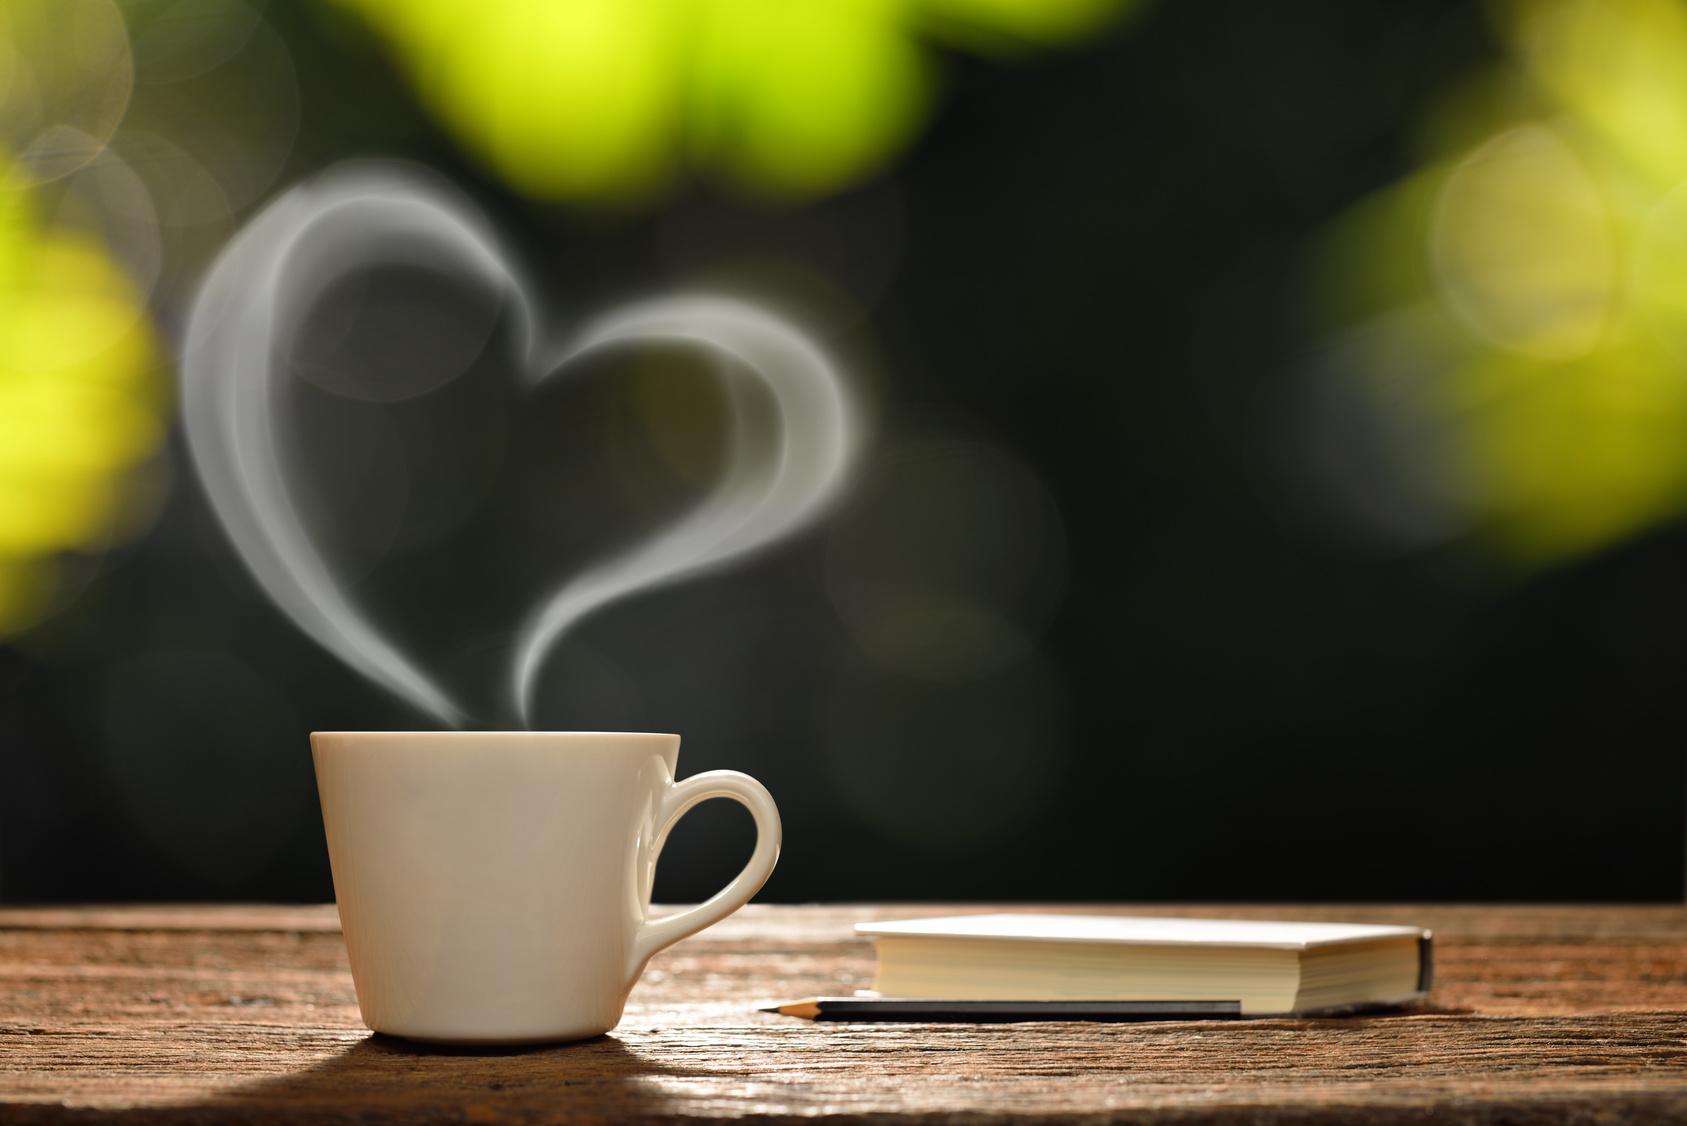 『婚活カフェ』 4月リニューアルのお知らせ ―本気で結婚を考えたら、まずは一度、参加してみよう! ―